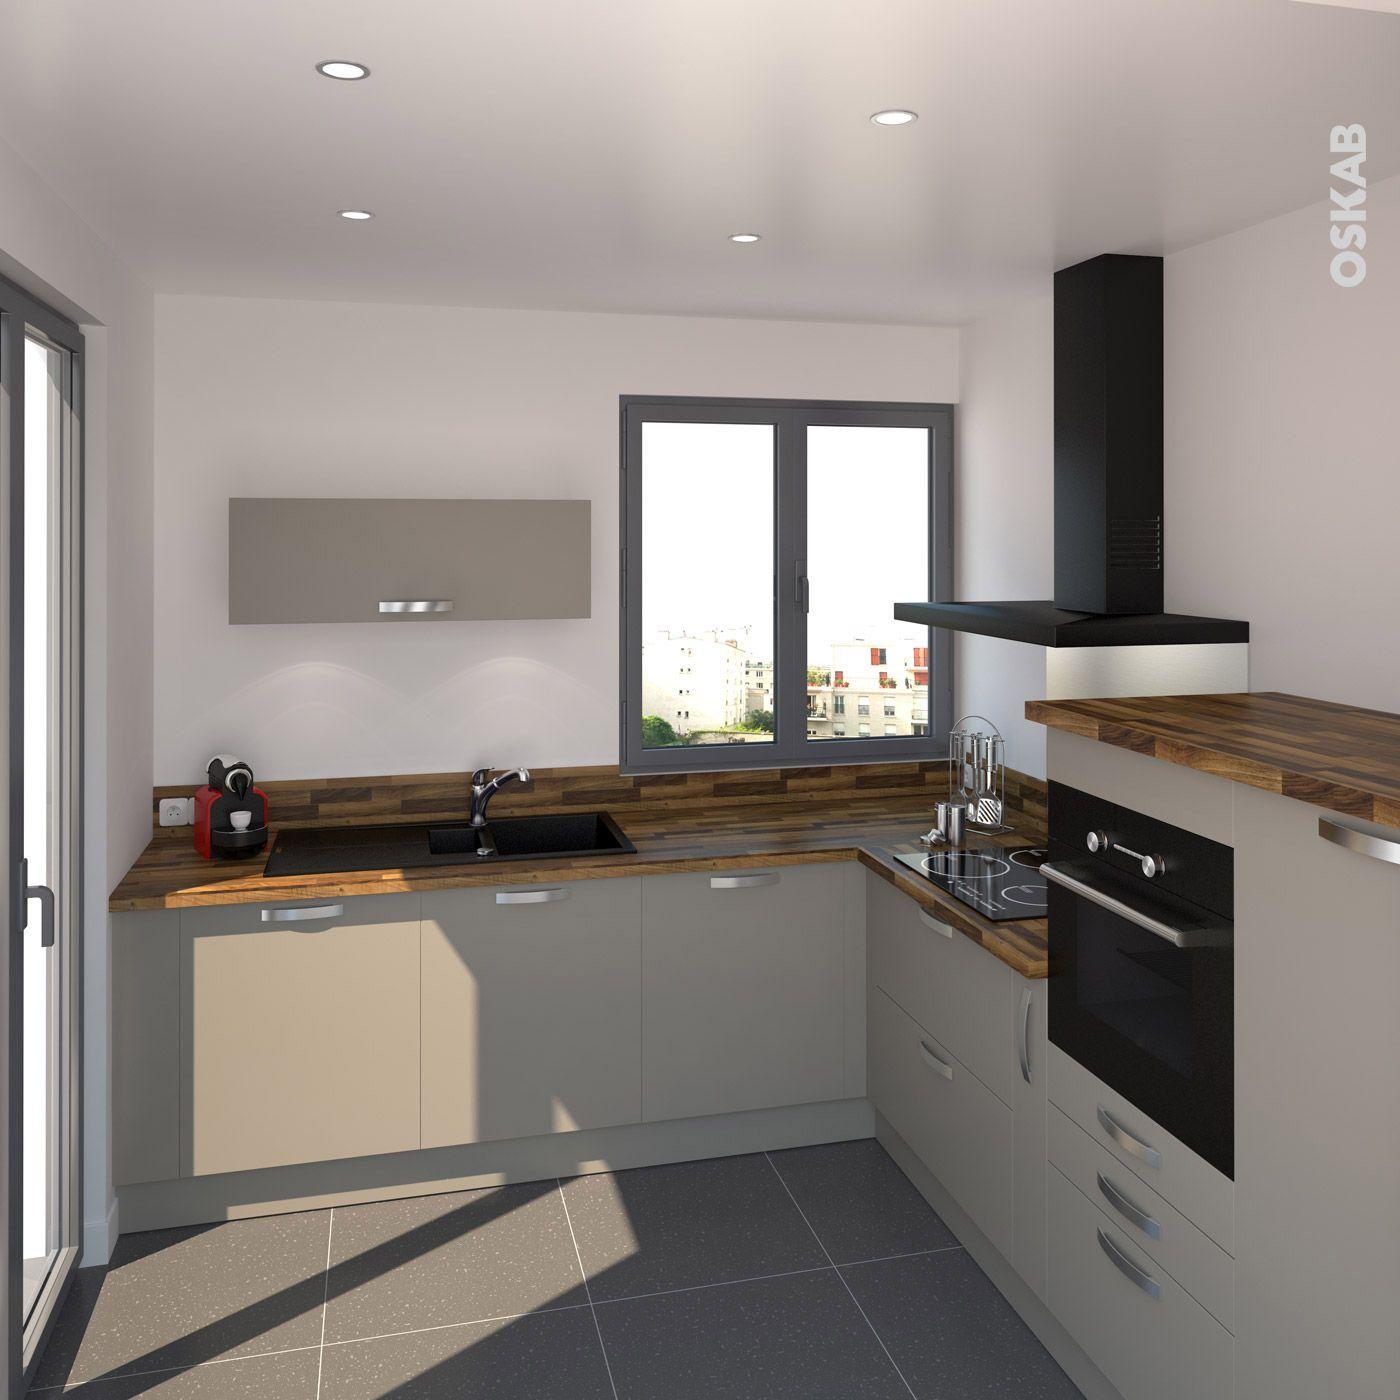 Modele de cuisine avec plan de travail en bois maison et mobilier - Modele de plan de travail cuisine ...